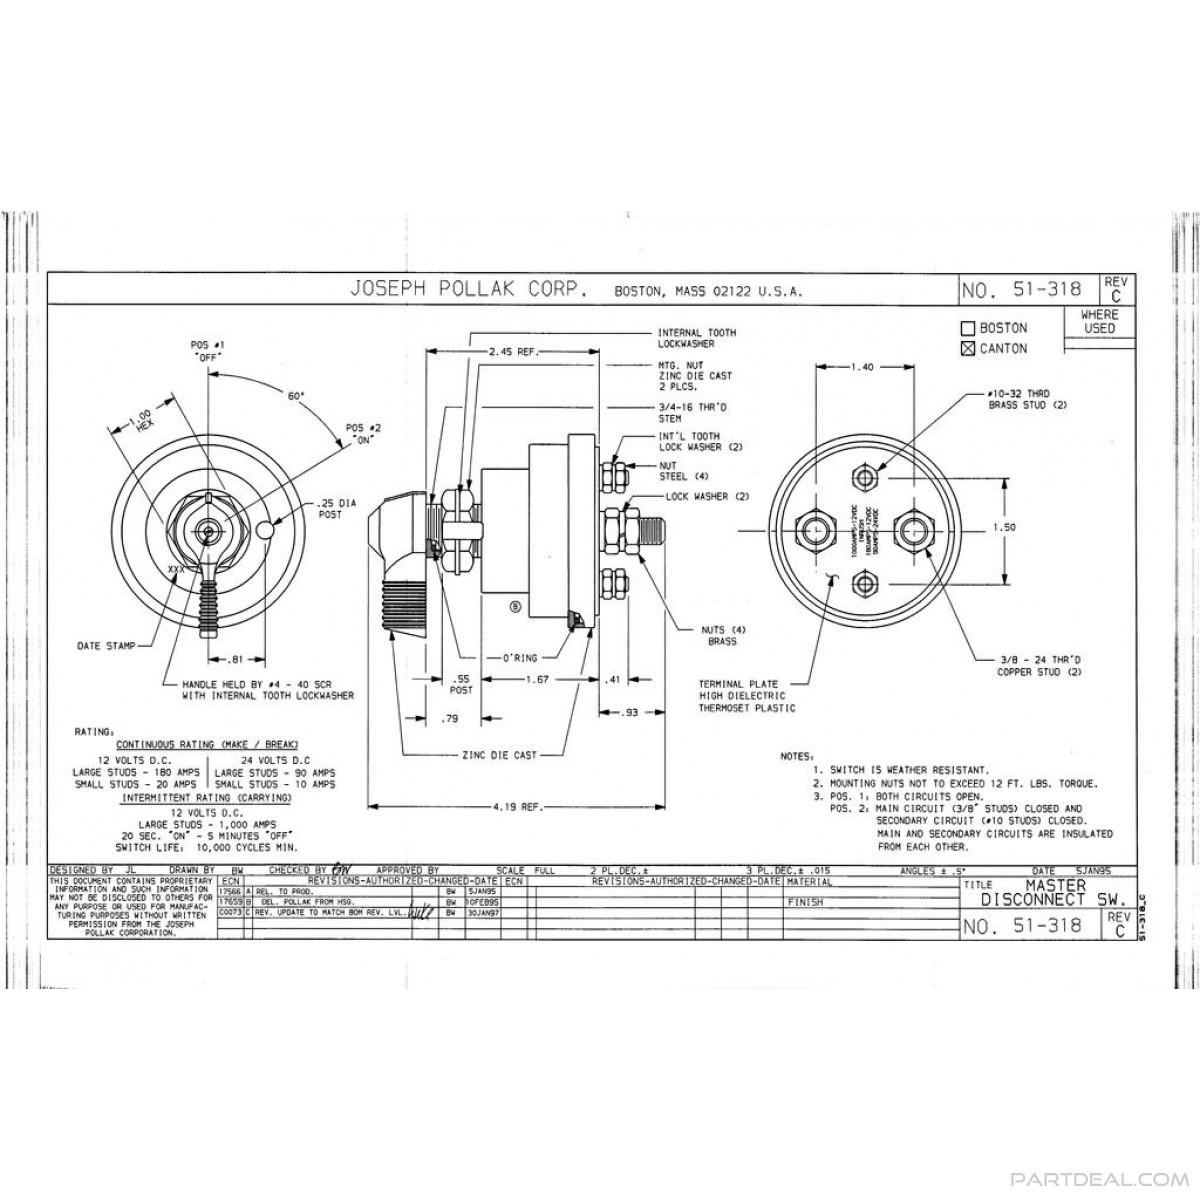 RG_6715] Battery Master Switch Wiring Diagram Download DiagramOver Viha Aspi Cular Phae Mohammedshrine Librar Wiring 101